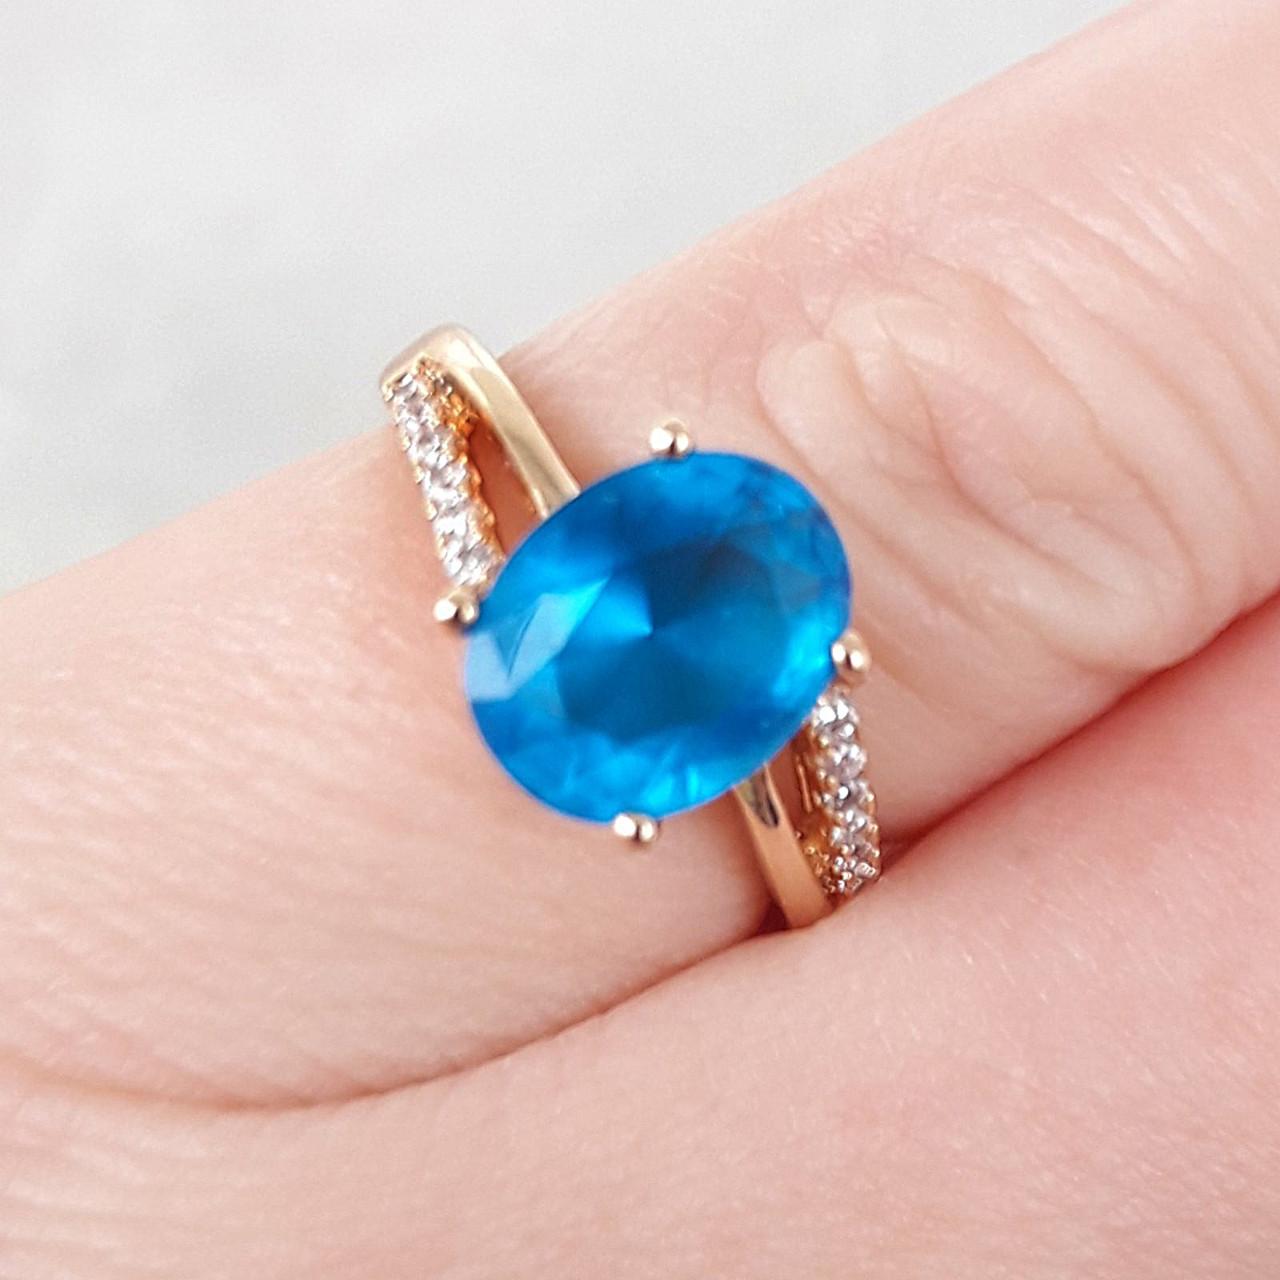 Кольцо 16р xuping позолота 18К с голубым цирконием 8187